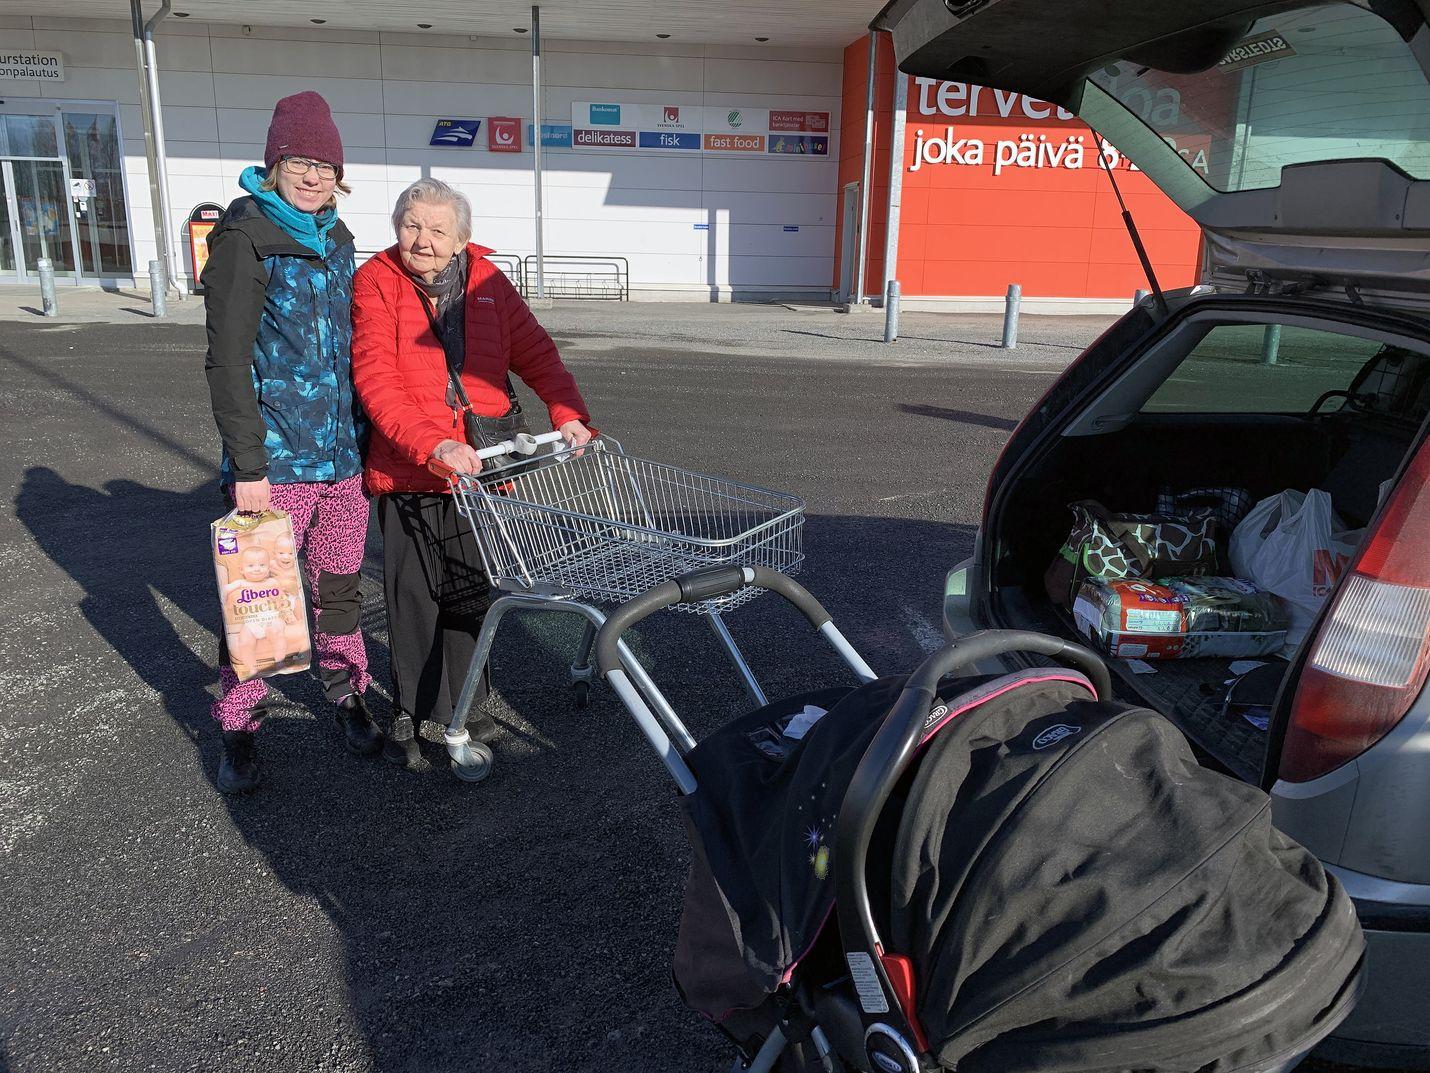 Gunhild Lindbäck (oik.) ja Christine Andersson kävivät Haaparannalla ruokaostoksilla. Epävarmuus vaivaa.  Ei oikein tiedä, mitä tietoa uskoisi. Perhettä ja naapureita pyritään suojelemaan, mutta kauppaostokset on tehtävä, sanoo Christine Andersson.